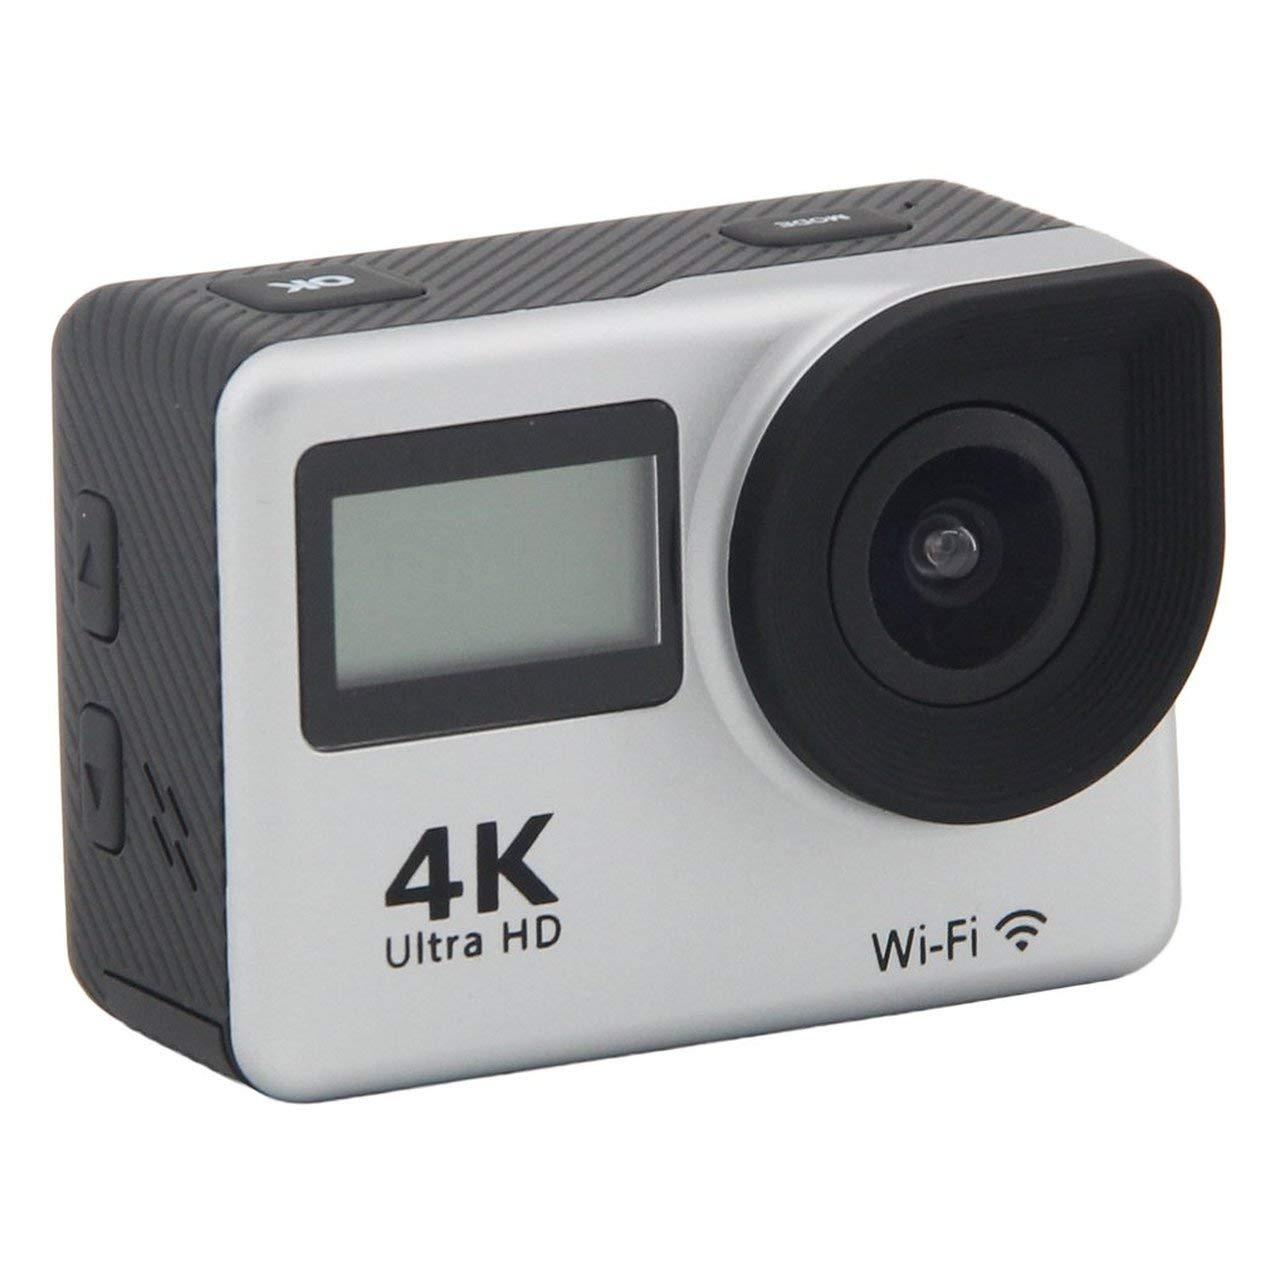 4K 2.4G WiFi Mini Kamera Camcorder 1080P HD Dual Screen Unterwasser 30m Wasserdichte Sport Action Kamera mit Fernbedienung